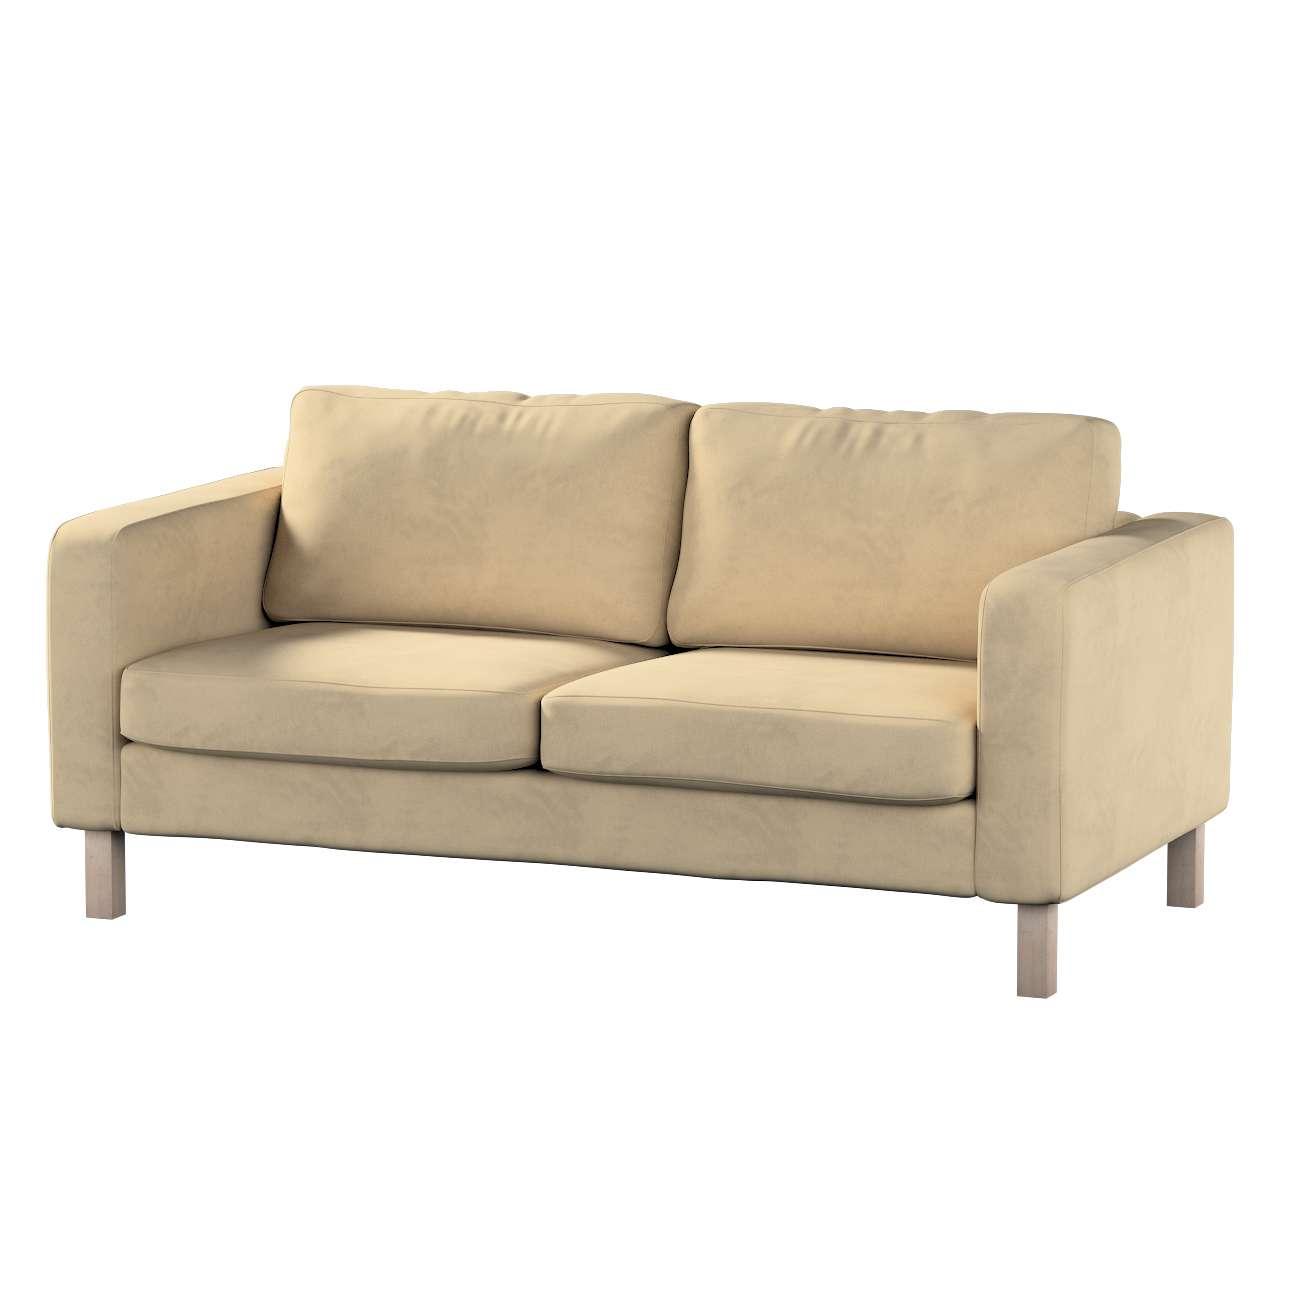 Pokrowiec na sofę Karlstad 2-osobową nierozkładaną krótki w kolekcji Living II, tkanina: 160-82